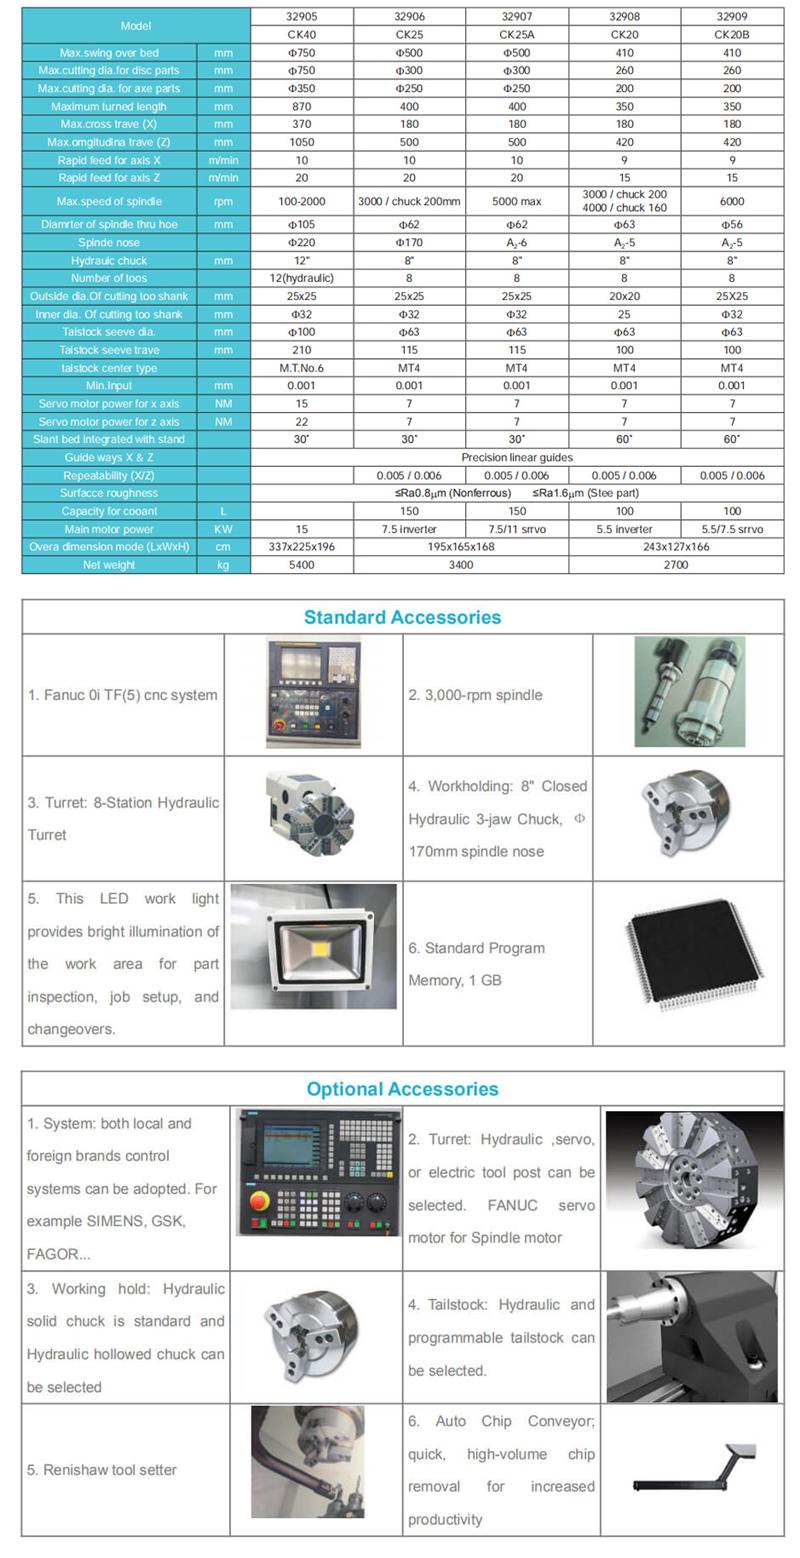 CNC LATHE CK40 (CK25, CK20)